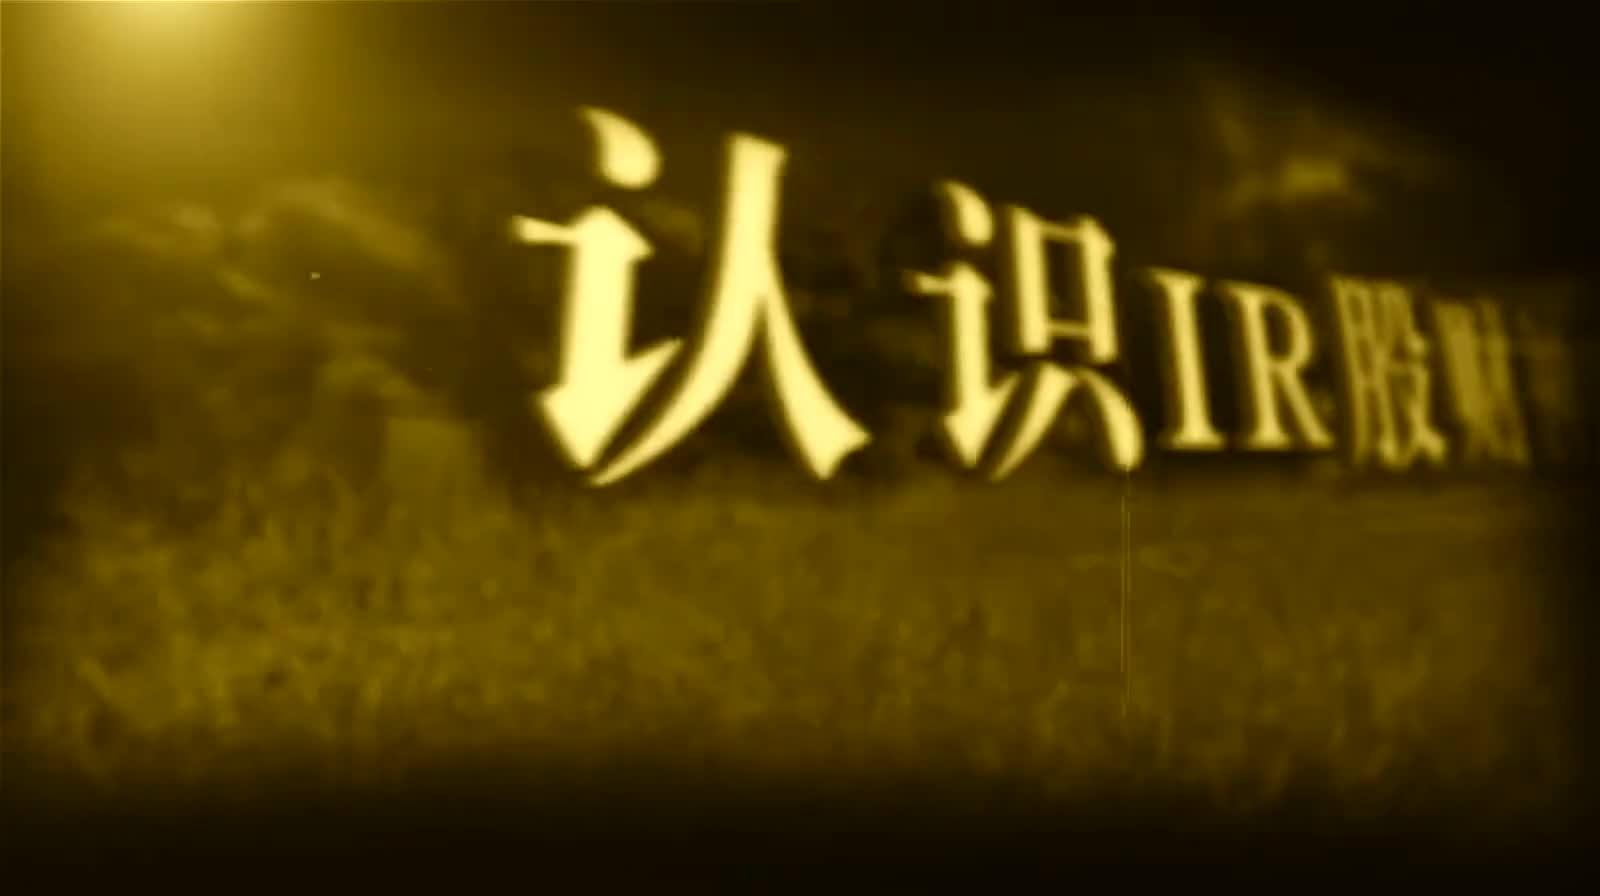 股财神直播间_股财神视频全集 - China直播视频